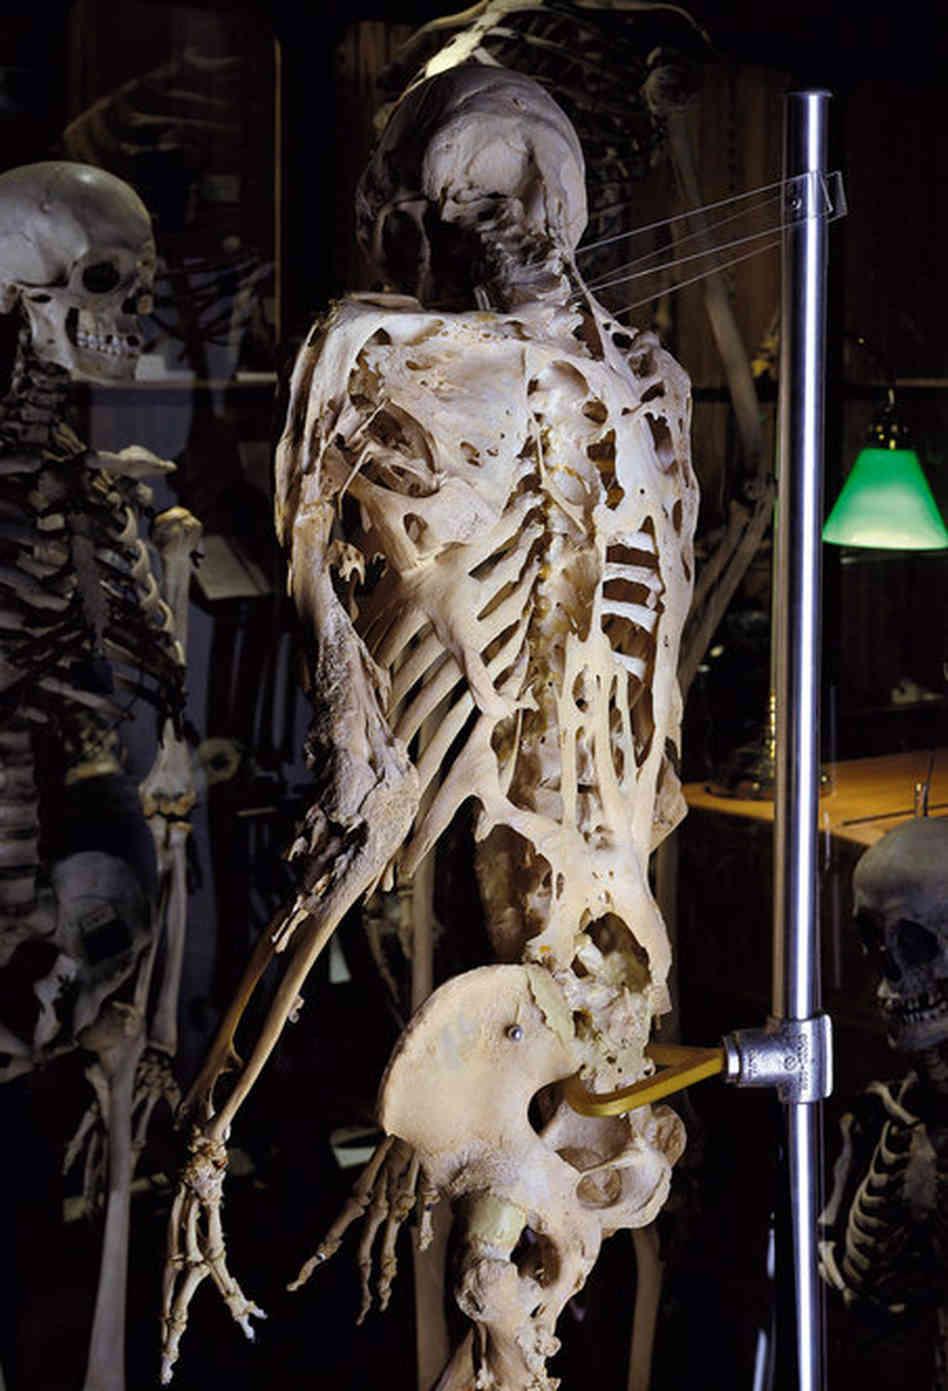 ossa-sindrome-uomo-pietra-fop